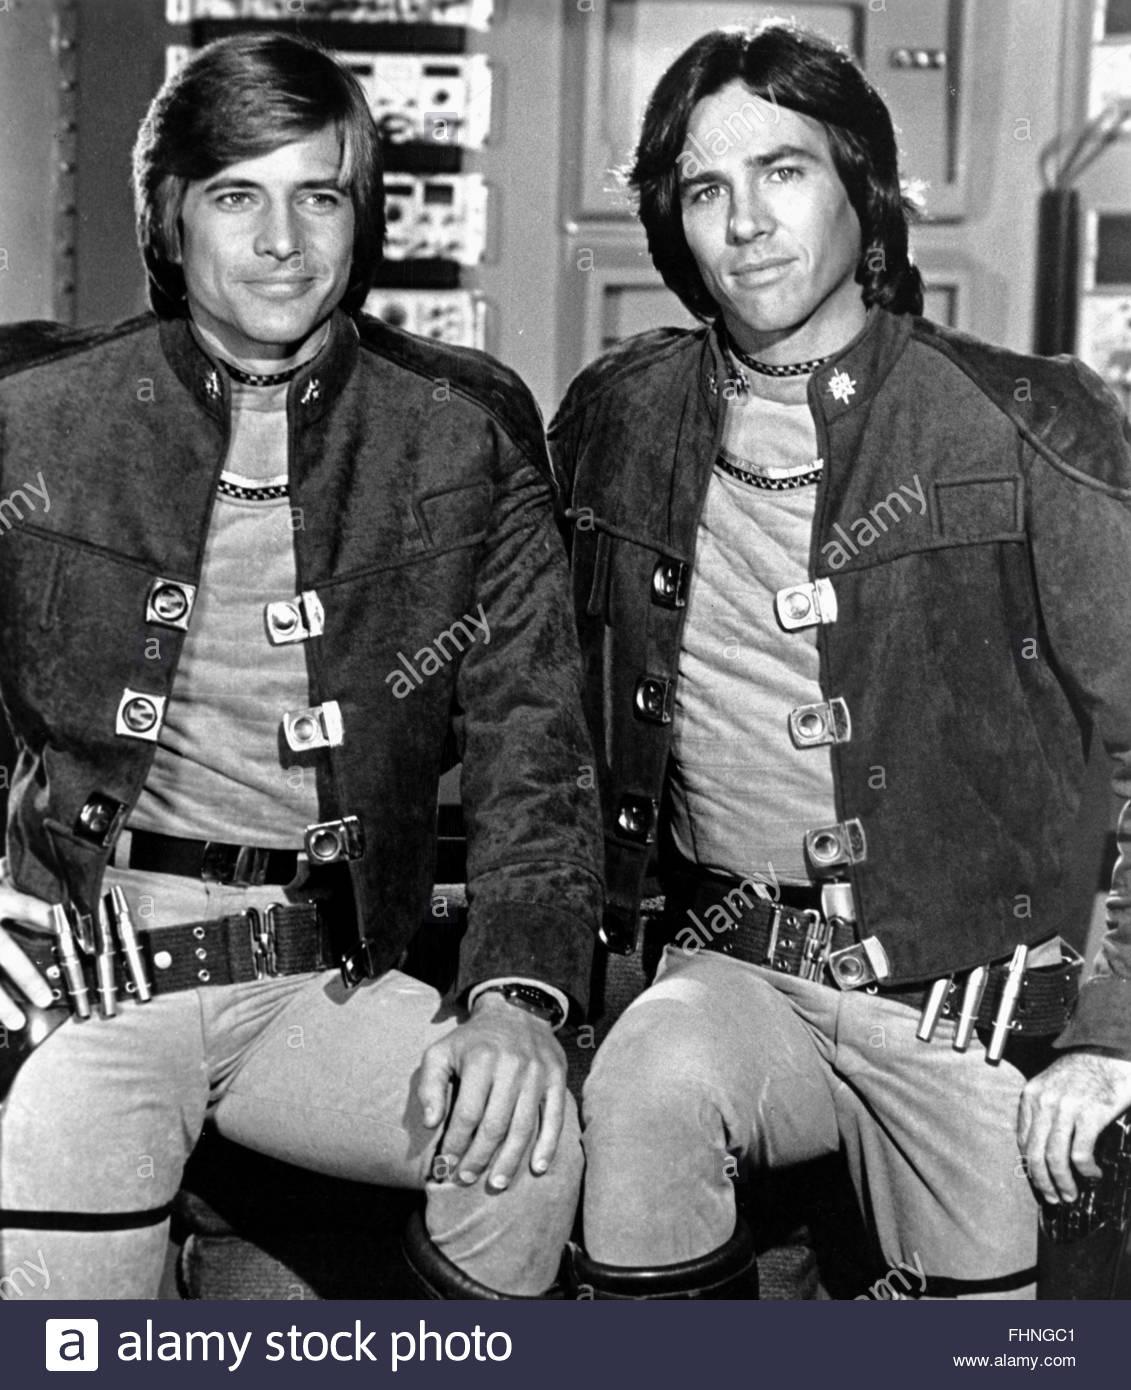 battlestar galactica 1978 movie download